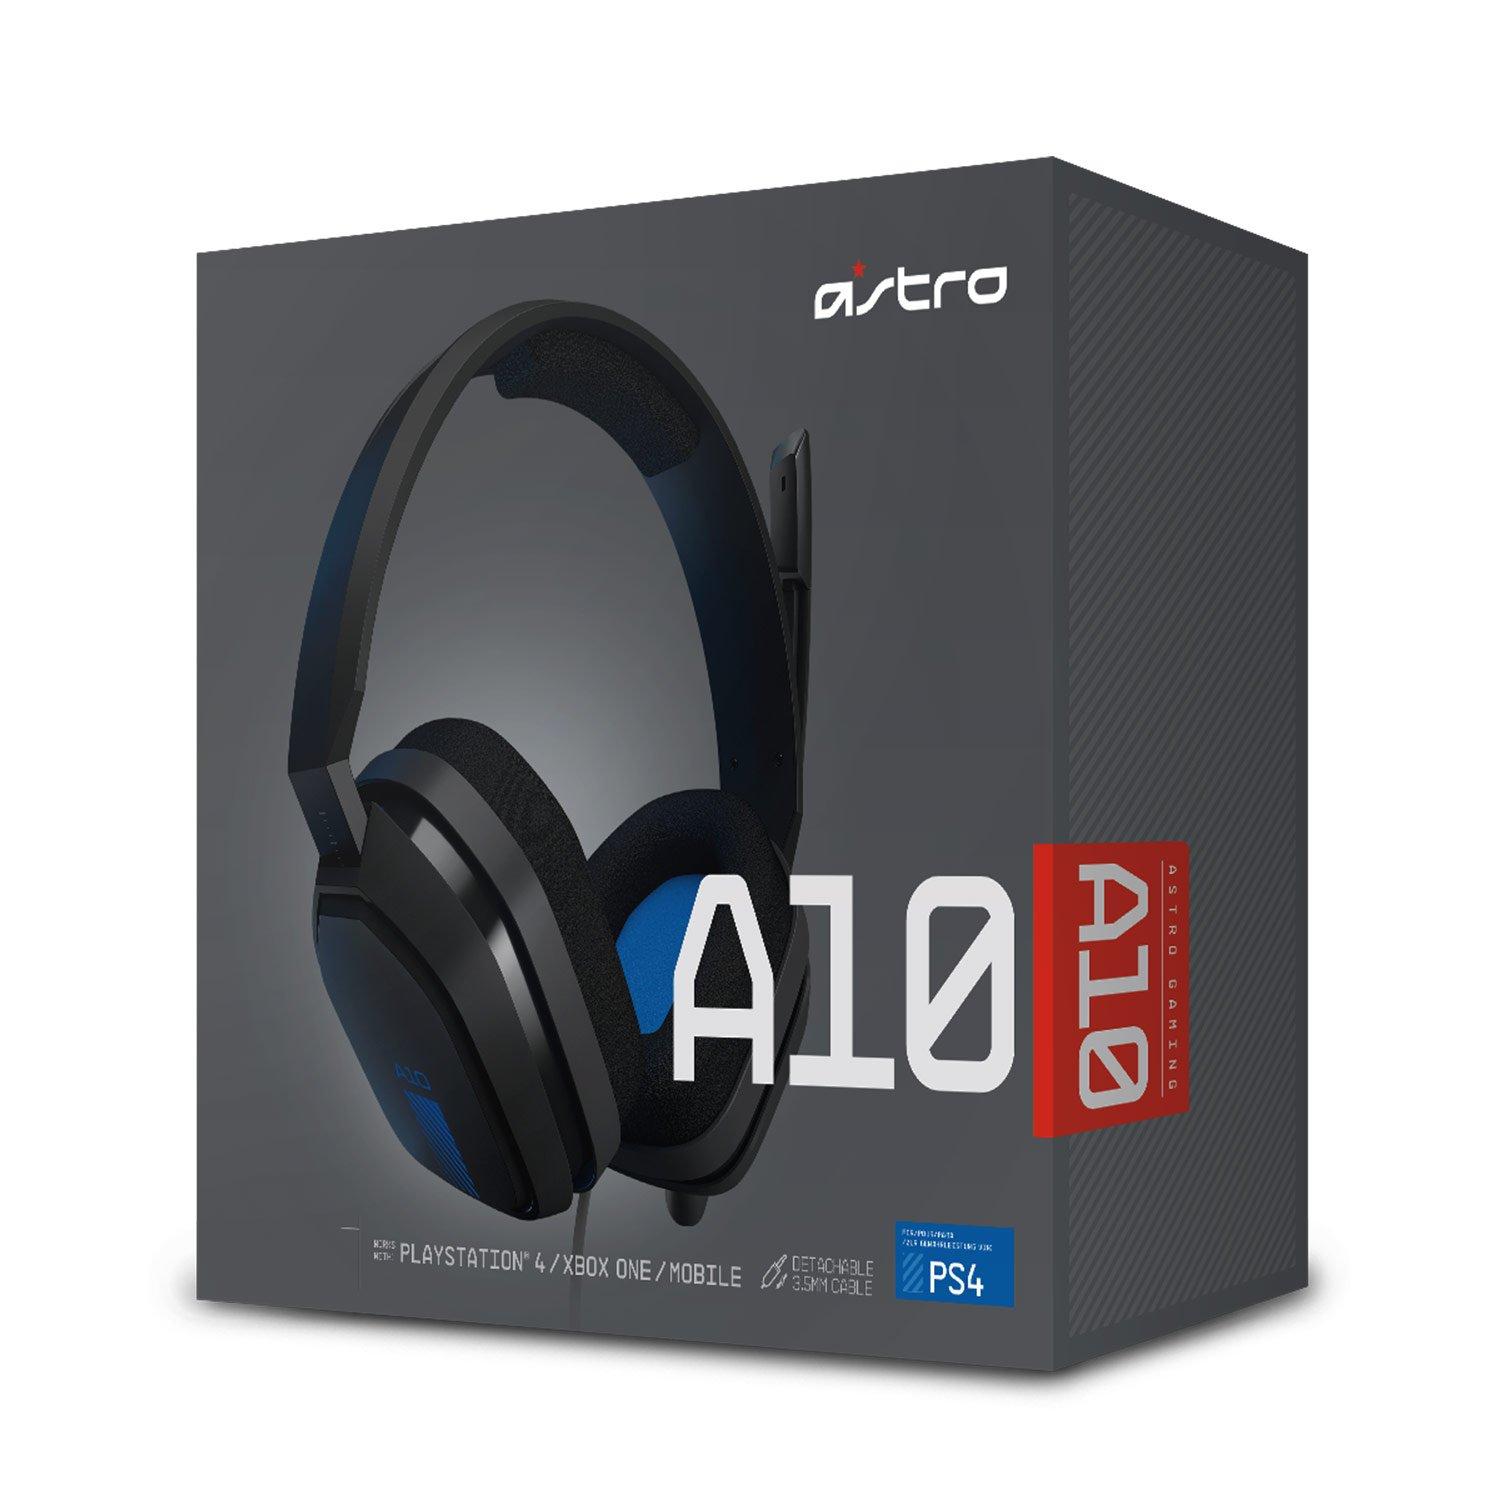 AUDIFONOS ASTRO A10 PS4 1